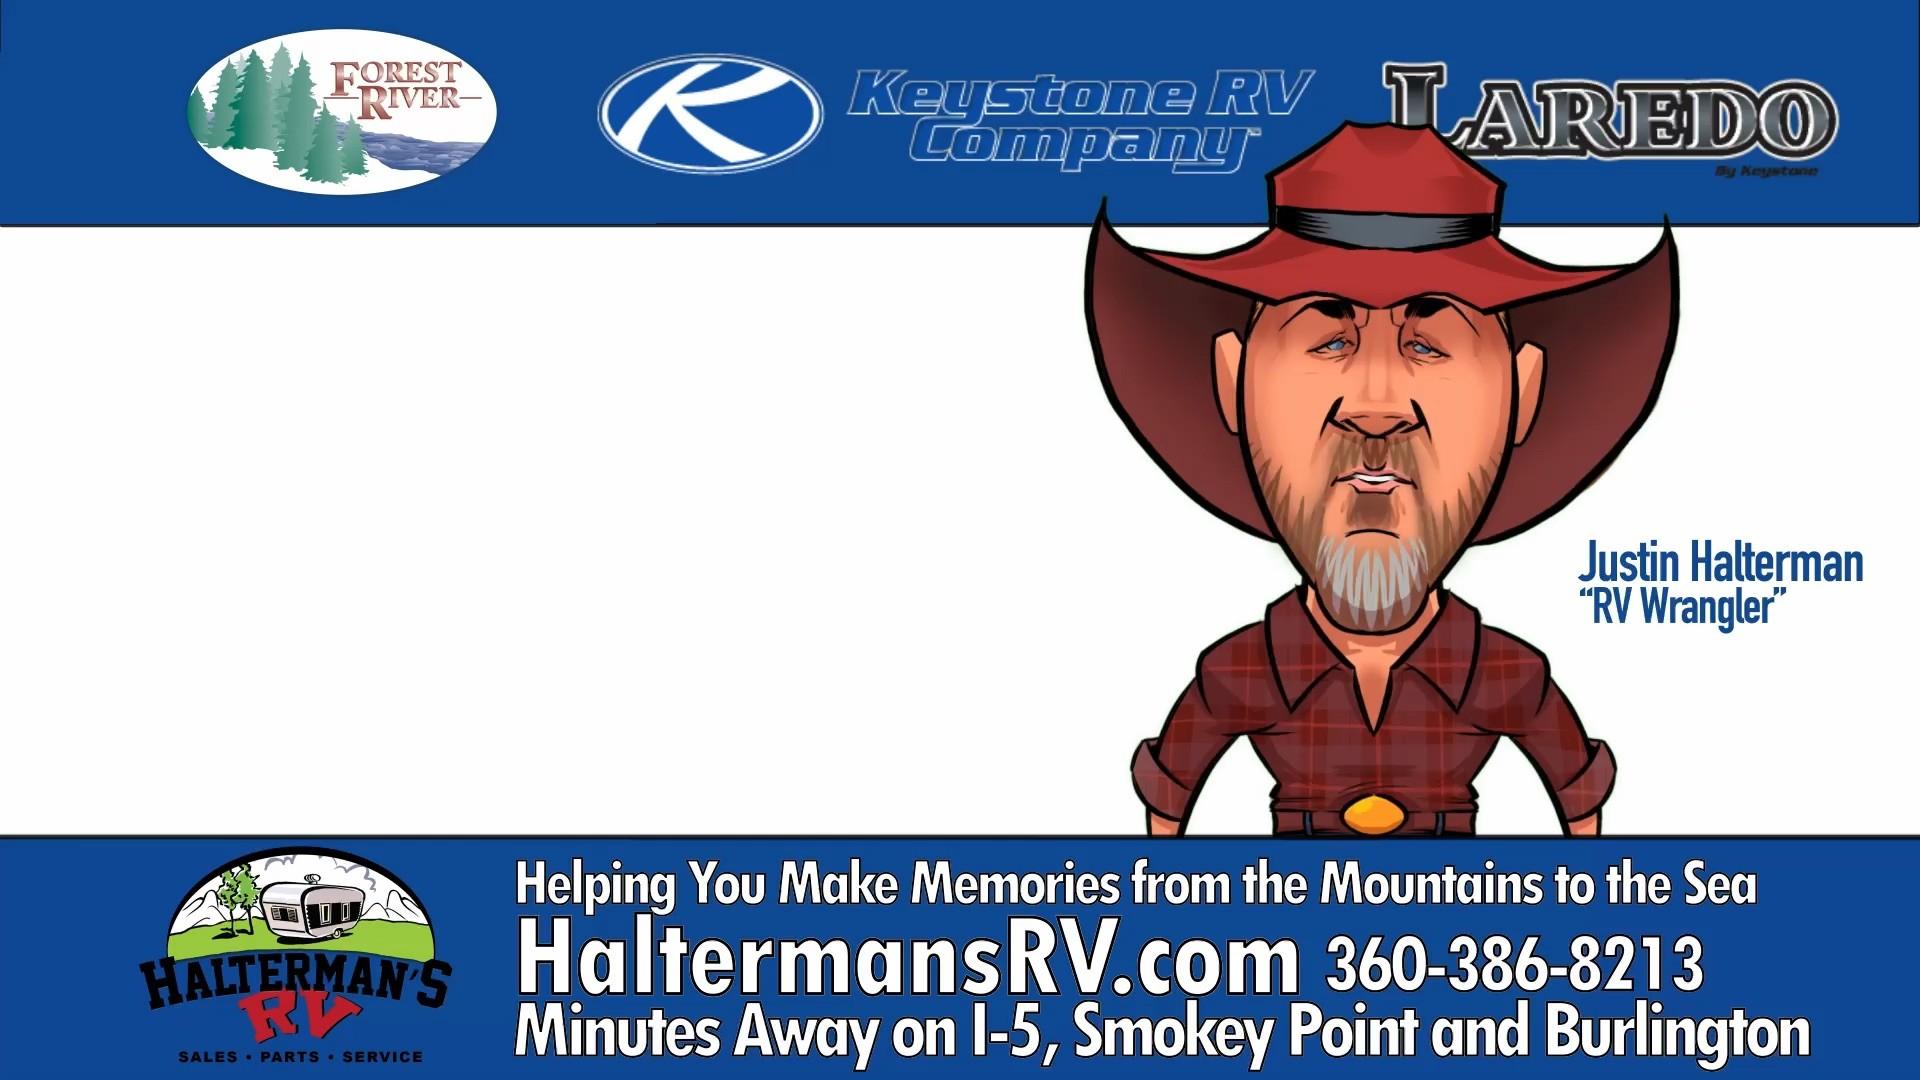 Halterman's RV: The RV Wrangler